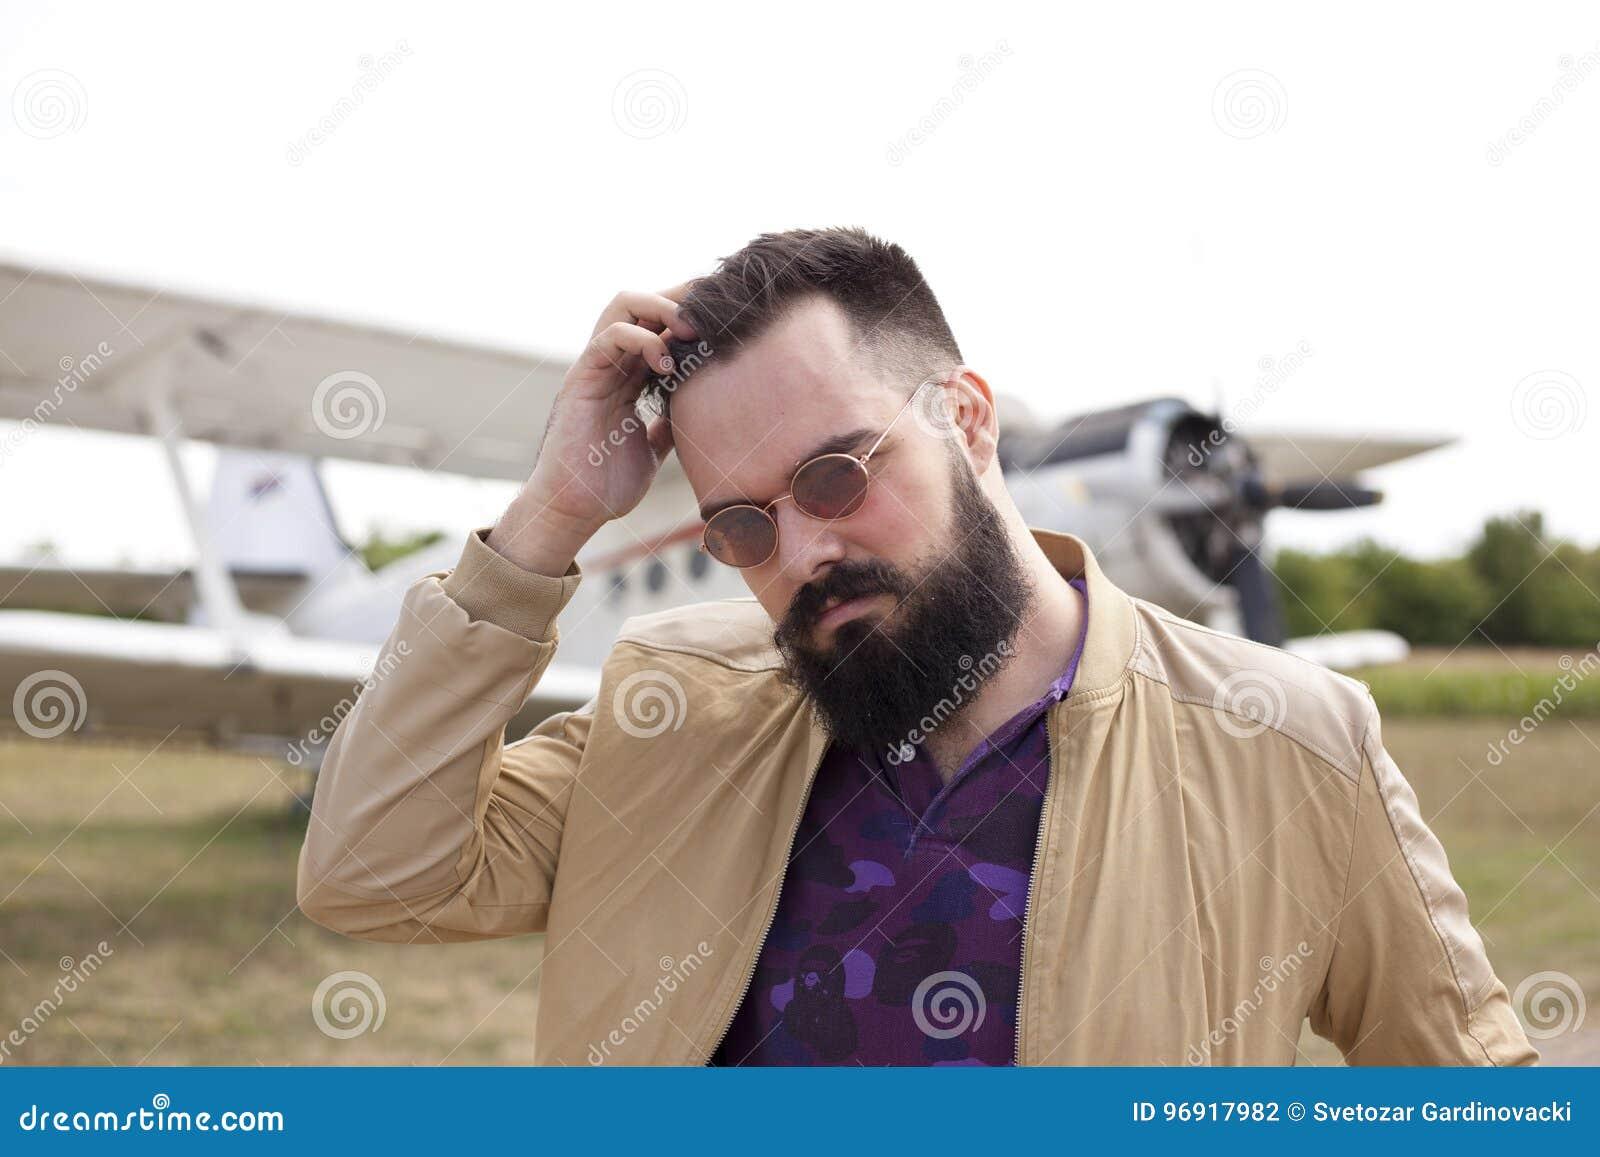 Individuo barbudo en el aeropuerto